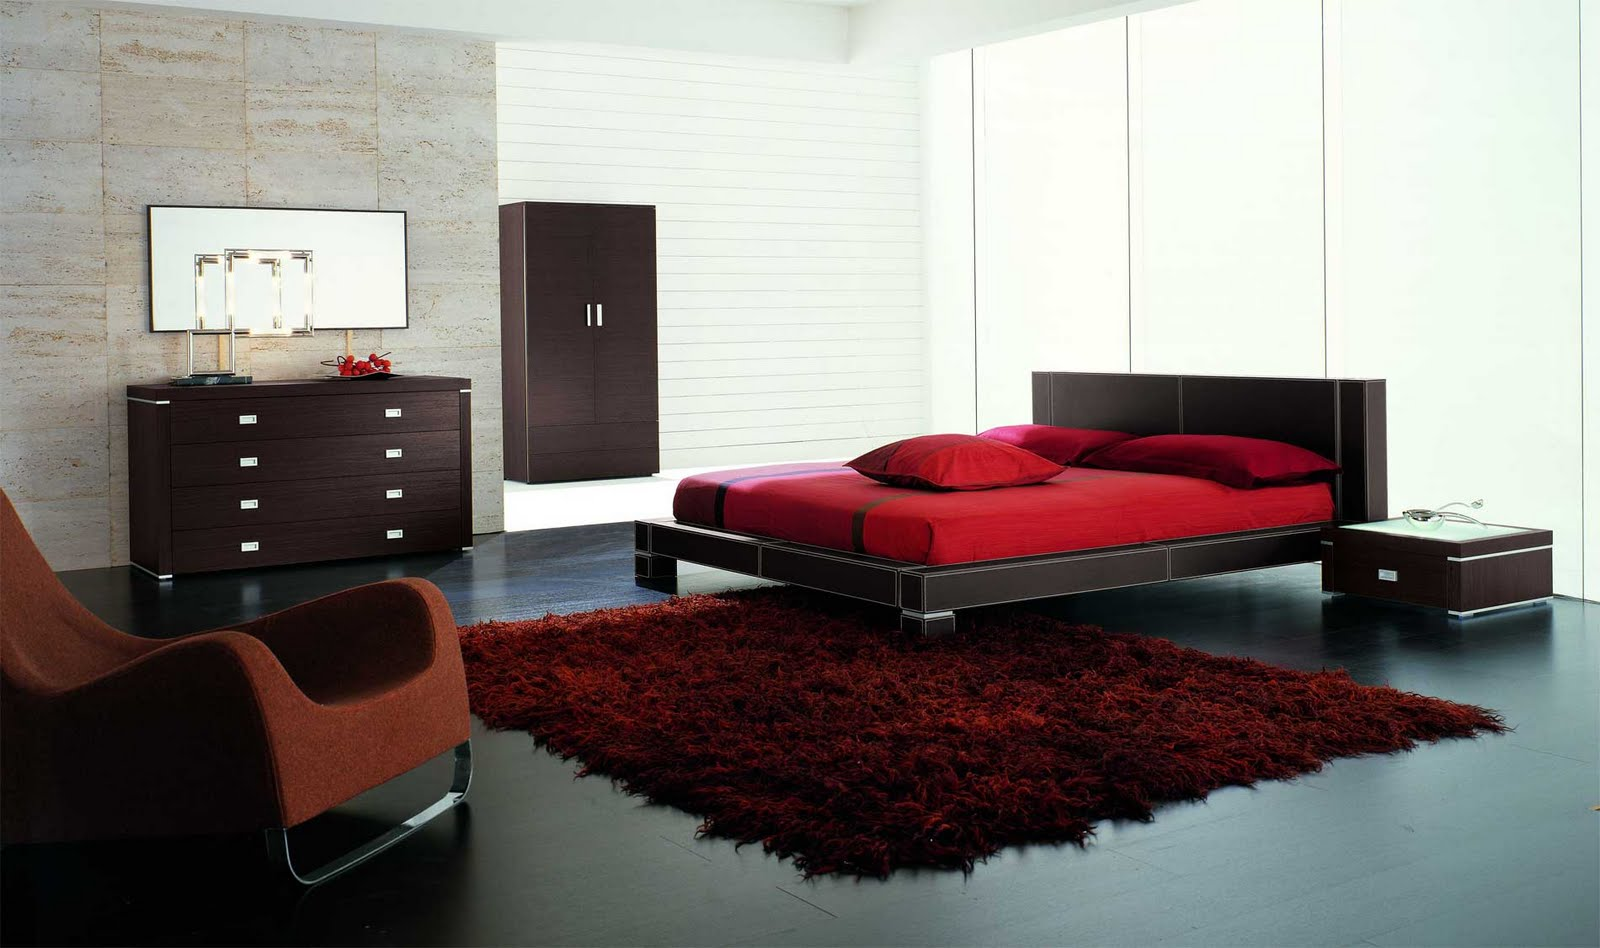 تصاميم غرف النوم احمر واسود | المرسال